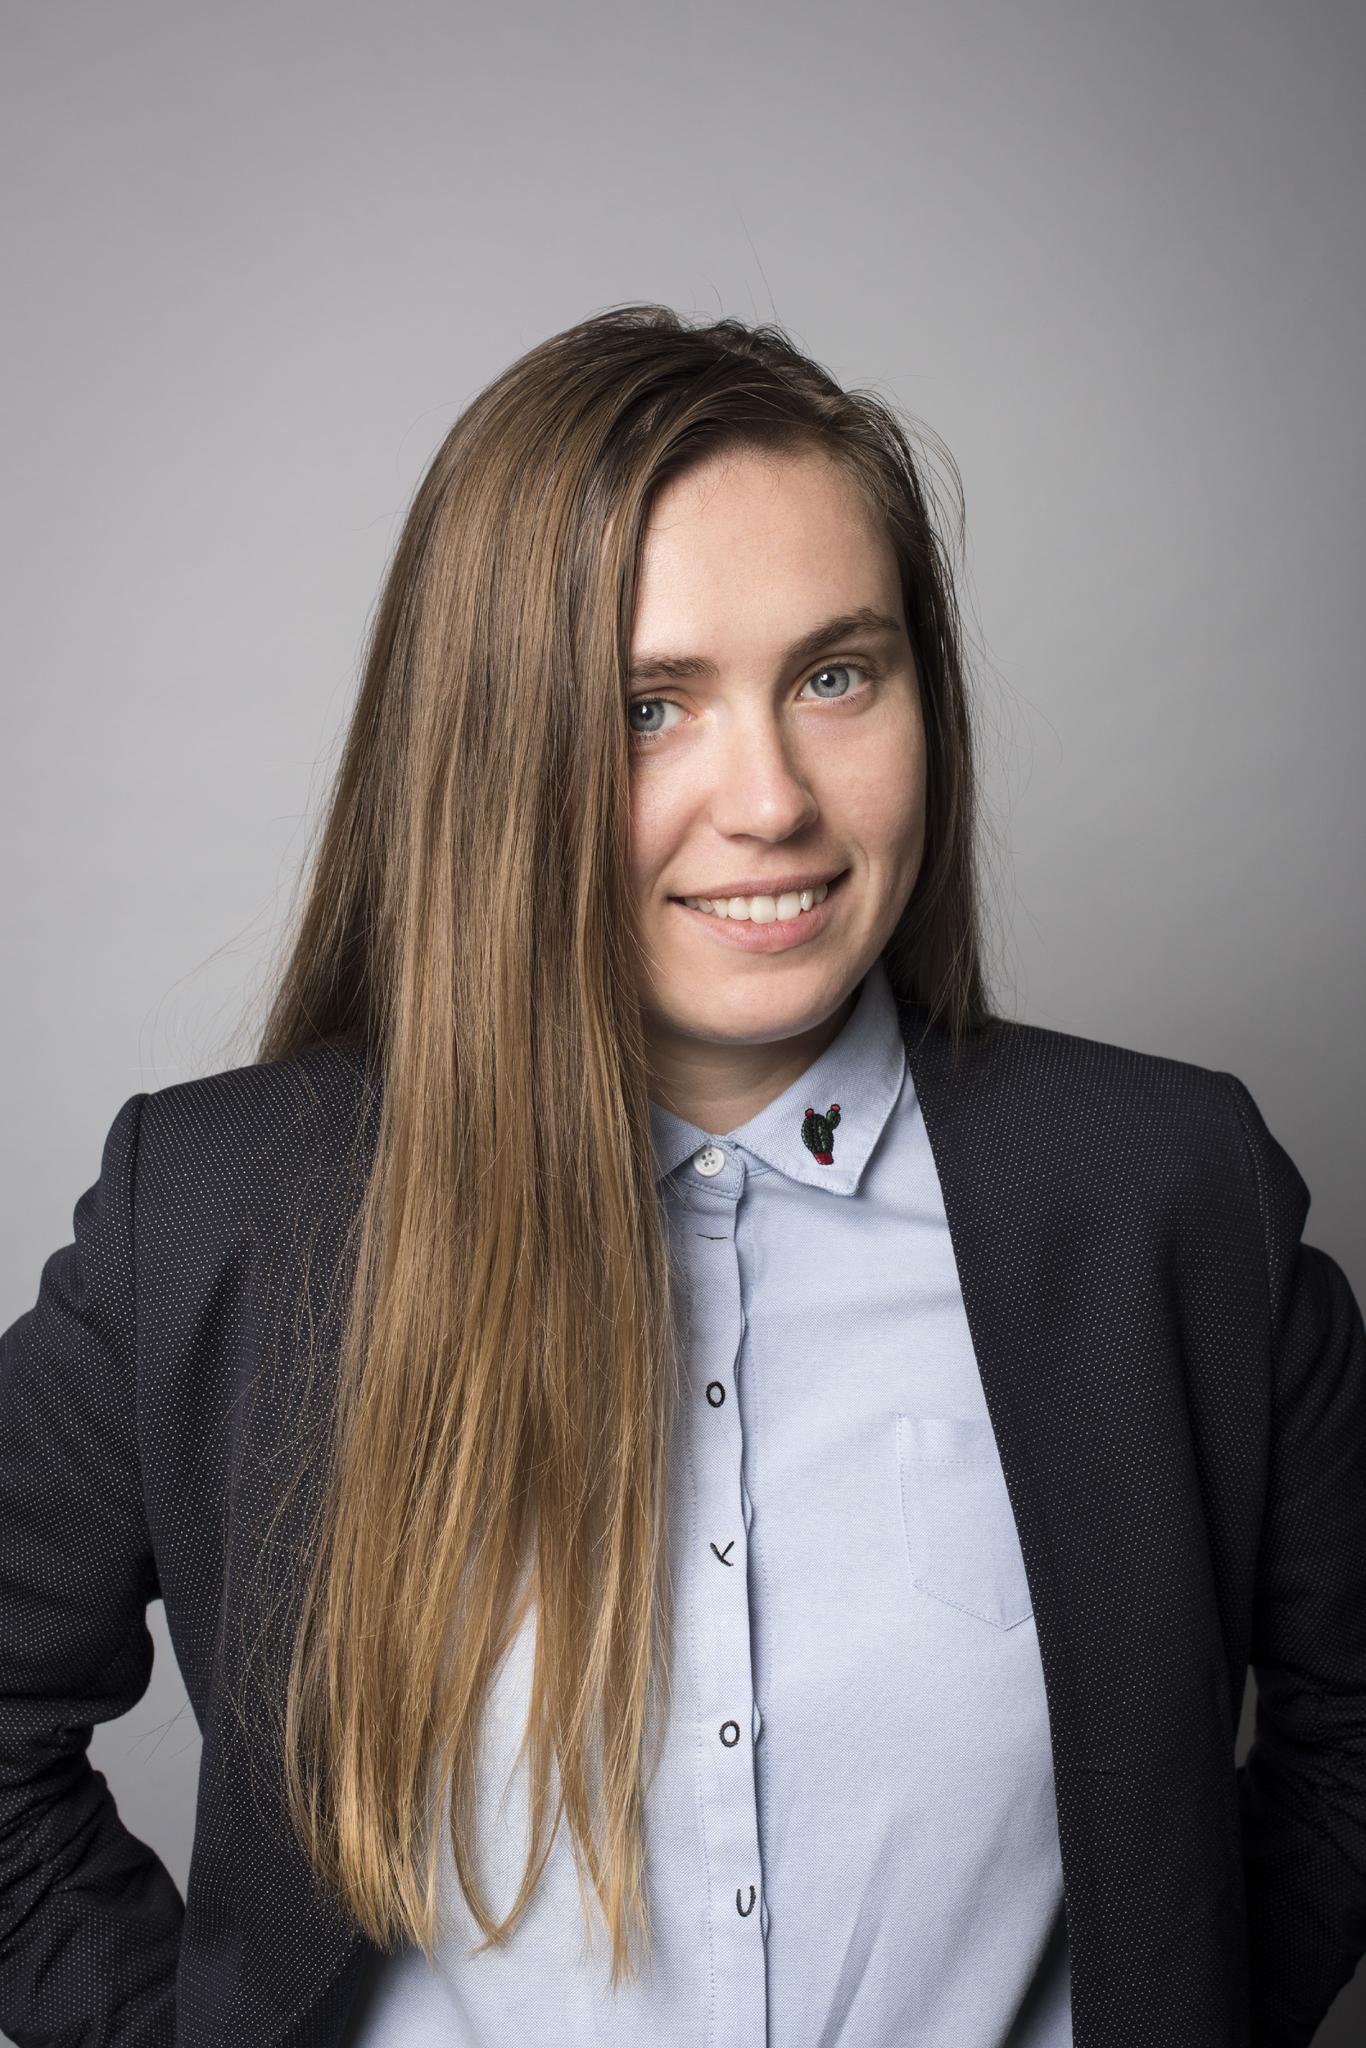 Polina Hadjimitova